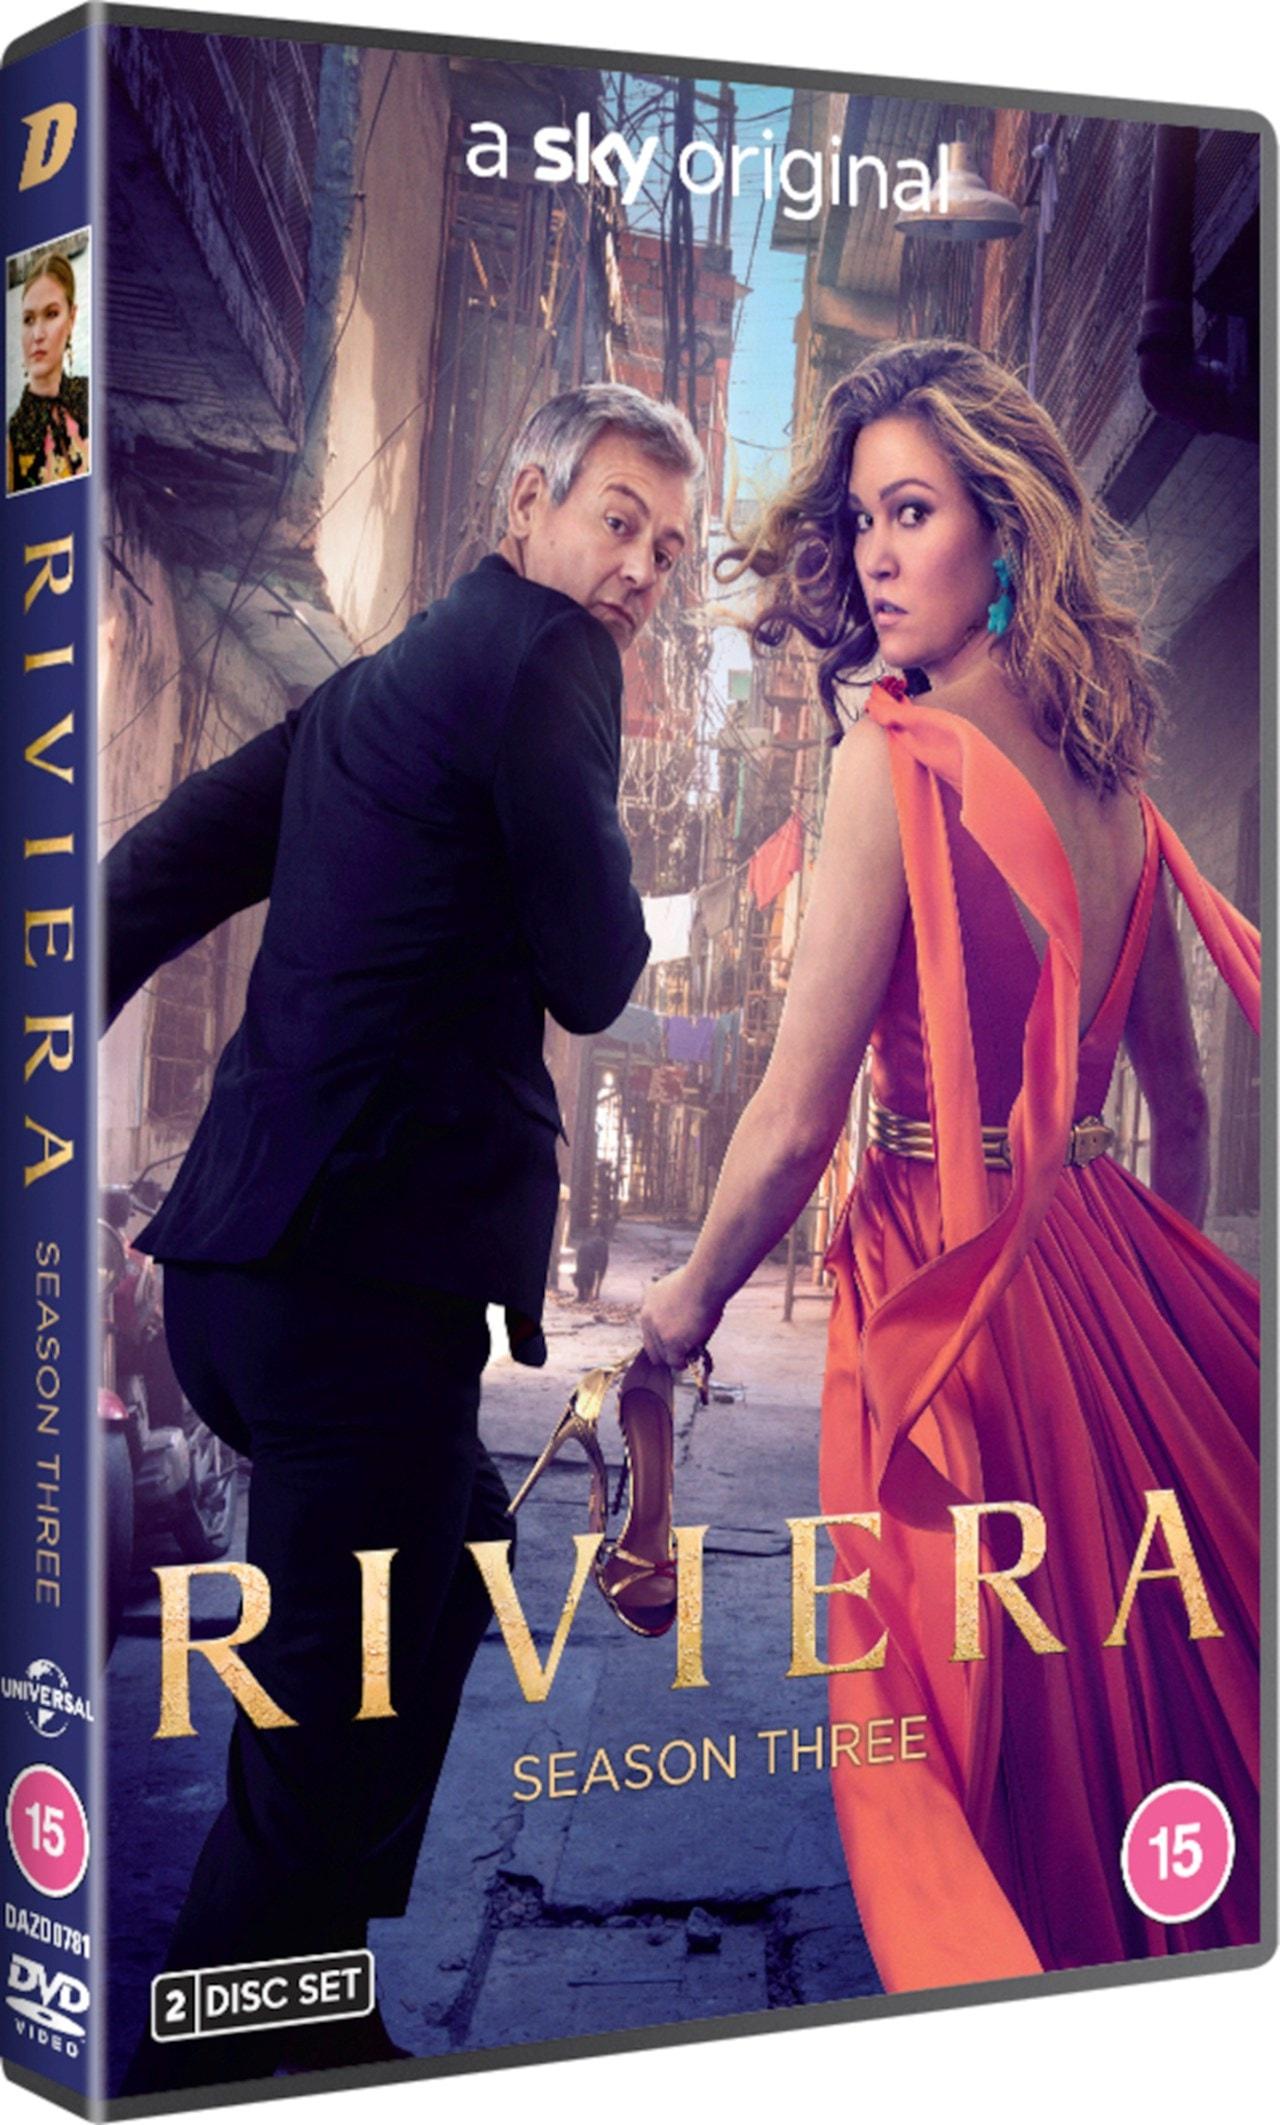 Riviera: The Complete Season Three - 2